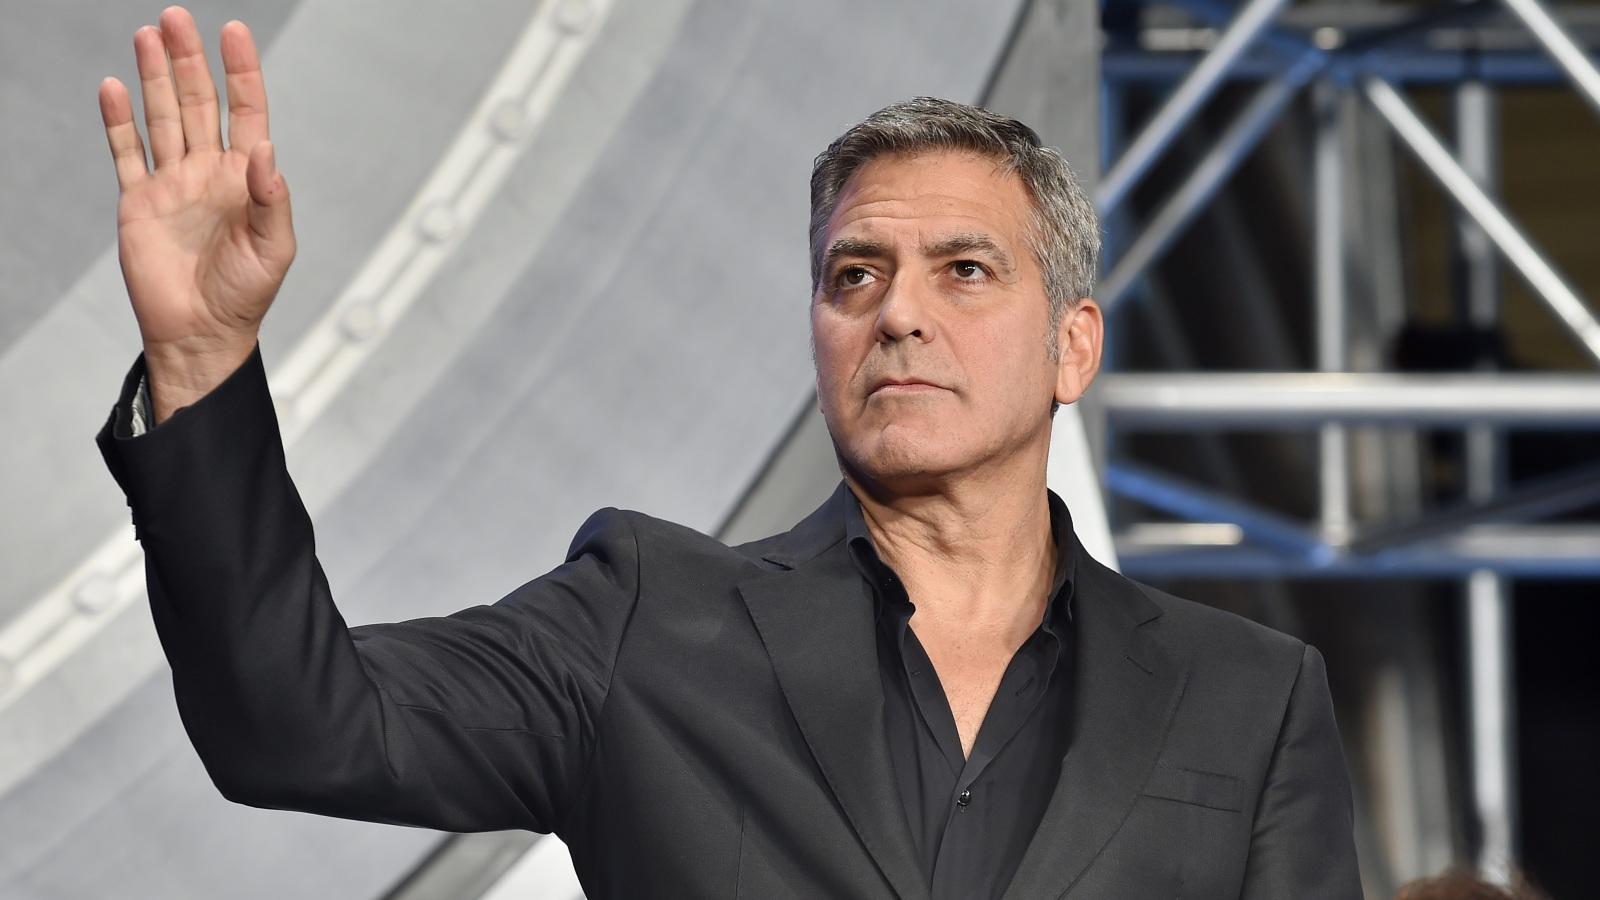 George Clooney egyszer Arnold Schwarzenegger nevét használta becsekkoláskor. A feltűnést nem biztos, hogy elkerülte vele, de a személyzet tuti jól szórakozott!